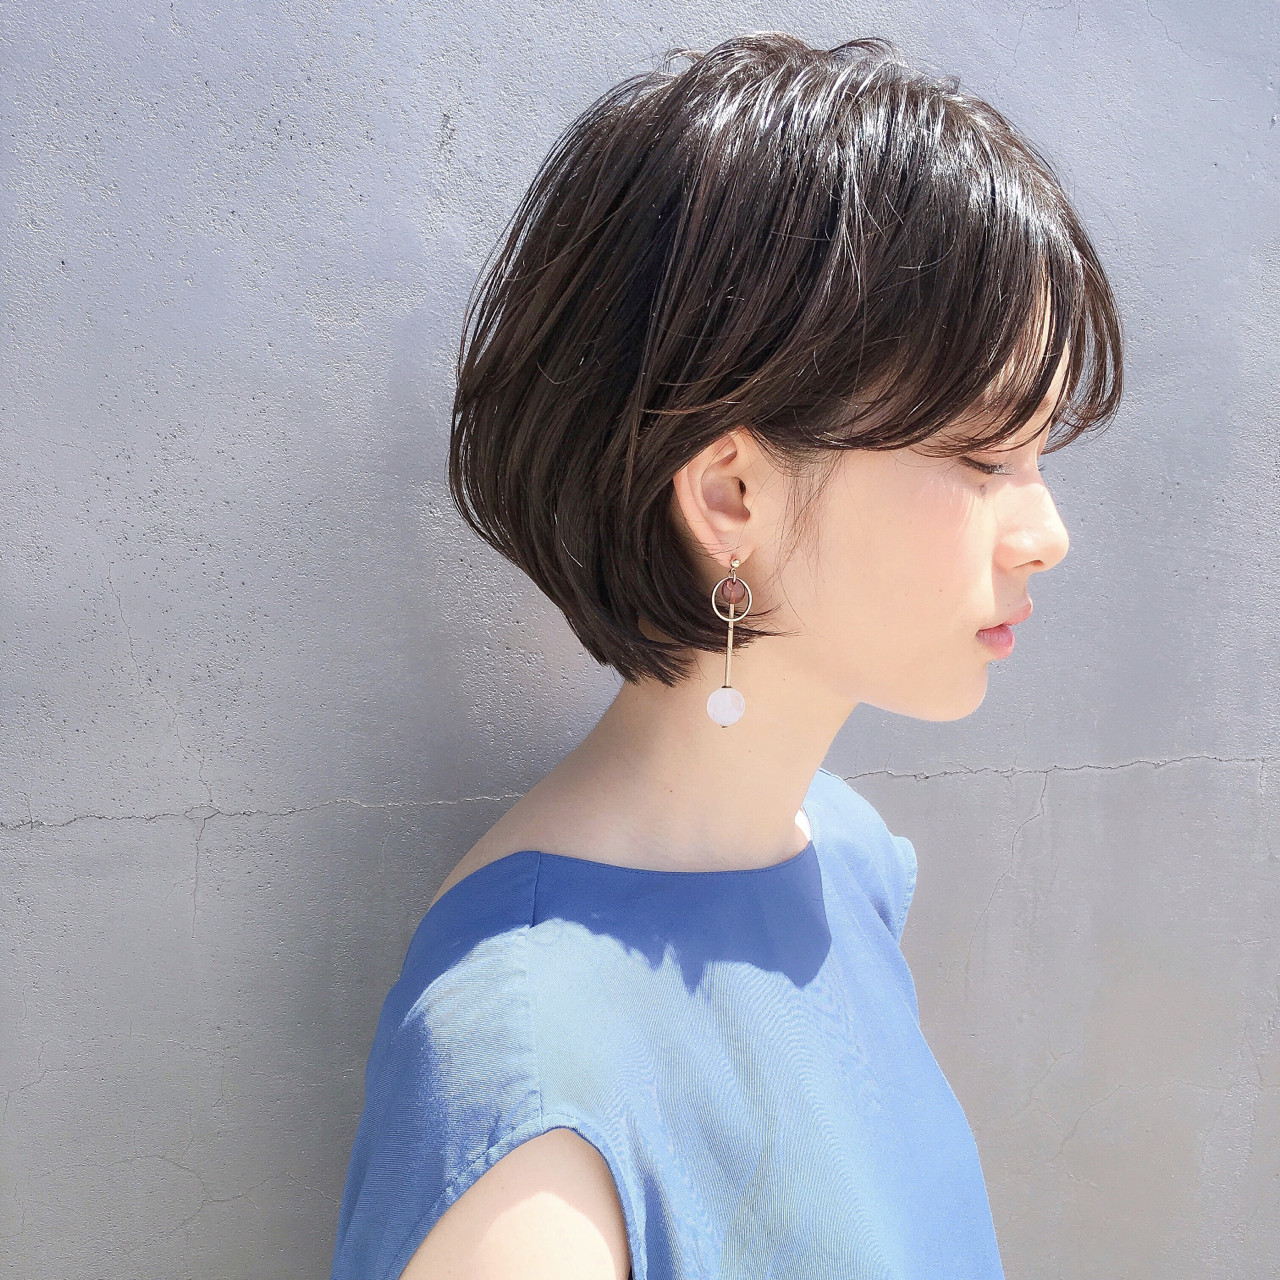 大人かわいい 色気 前髪あり ゆるふわ ヘアスタイルや髪型の写真・画像 | ショートボブの匠【 山内大成 】『i.hair』 / 『 i. 』 omotesando